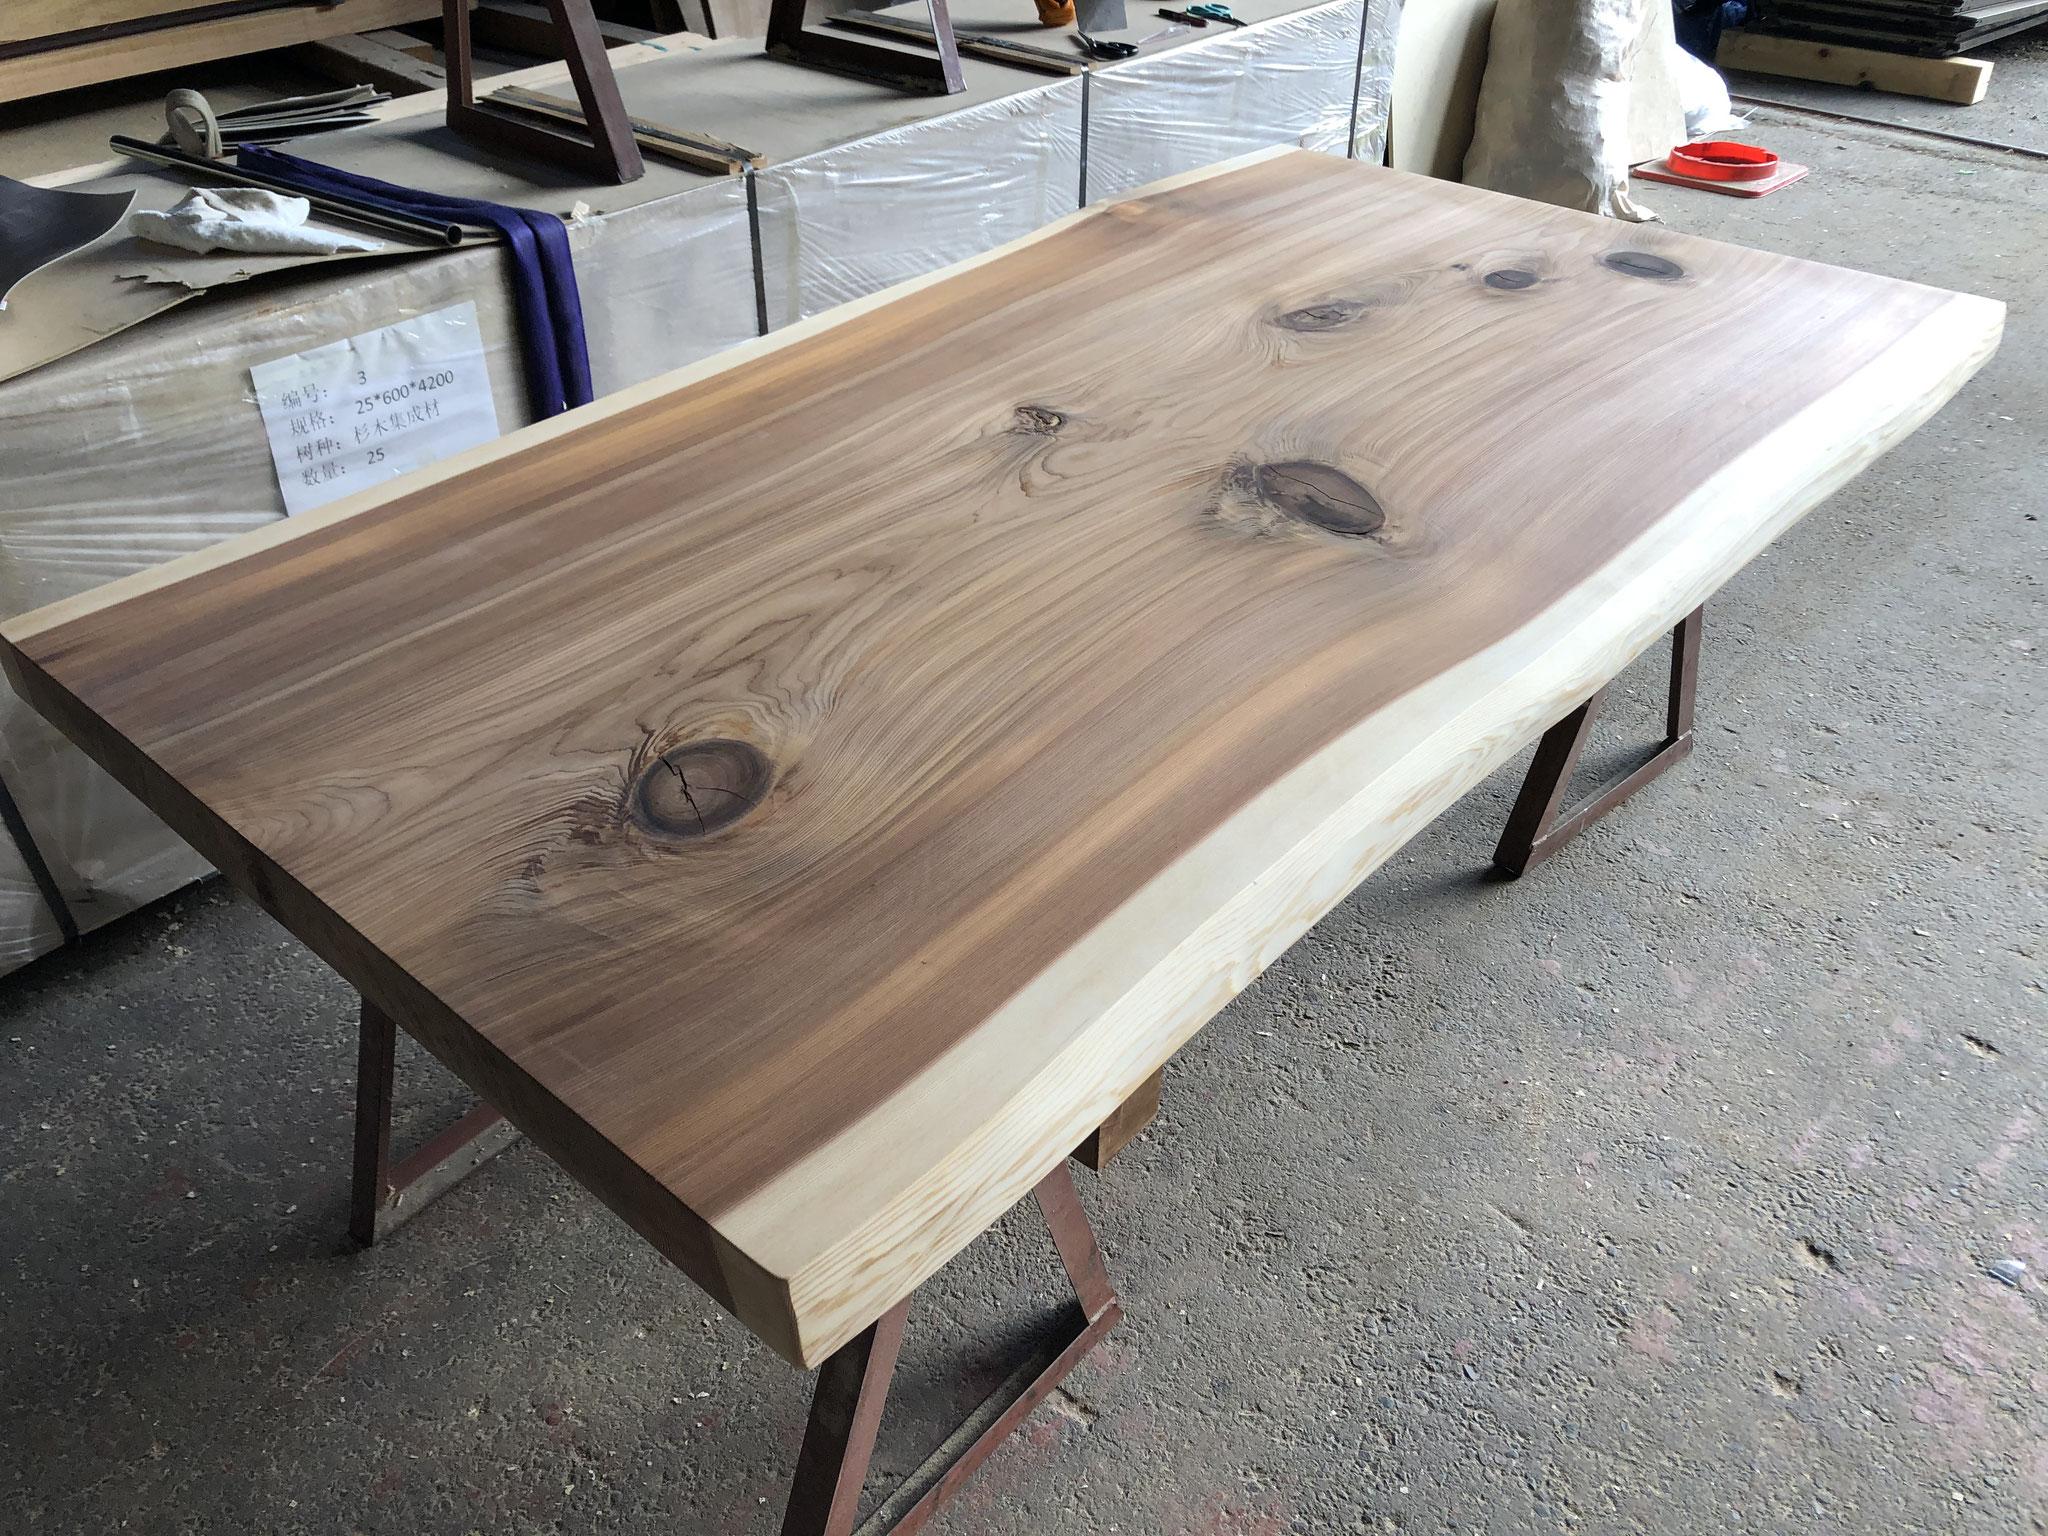 杉の一枚板テーブルを制作しています。引渡し直前にお客様にプレゼント致します。